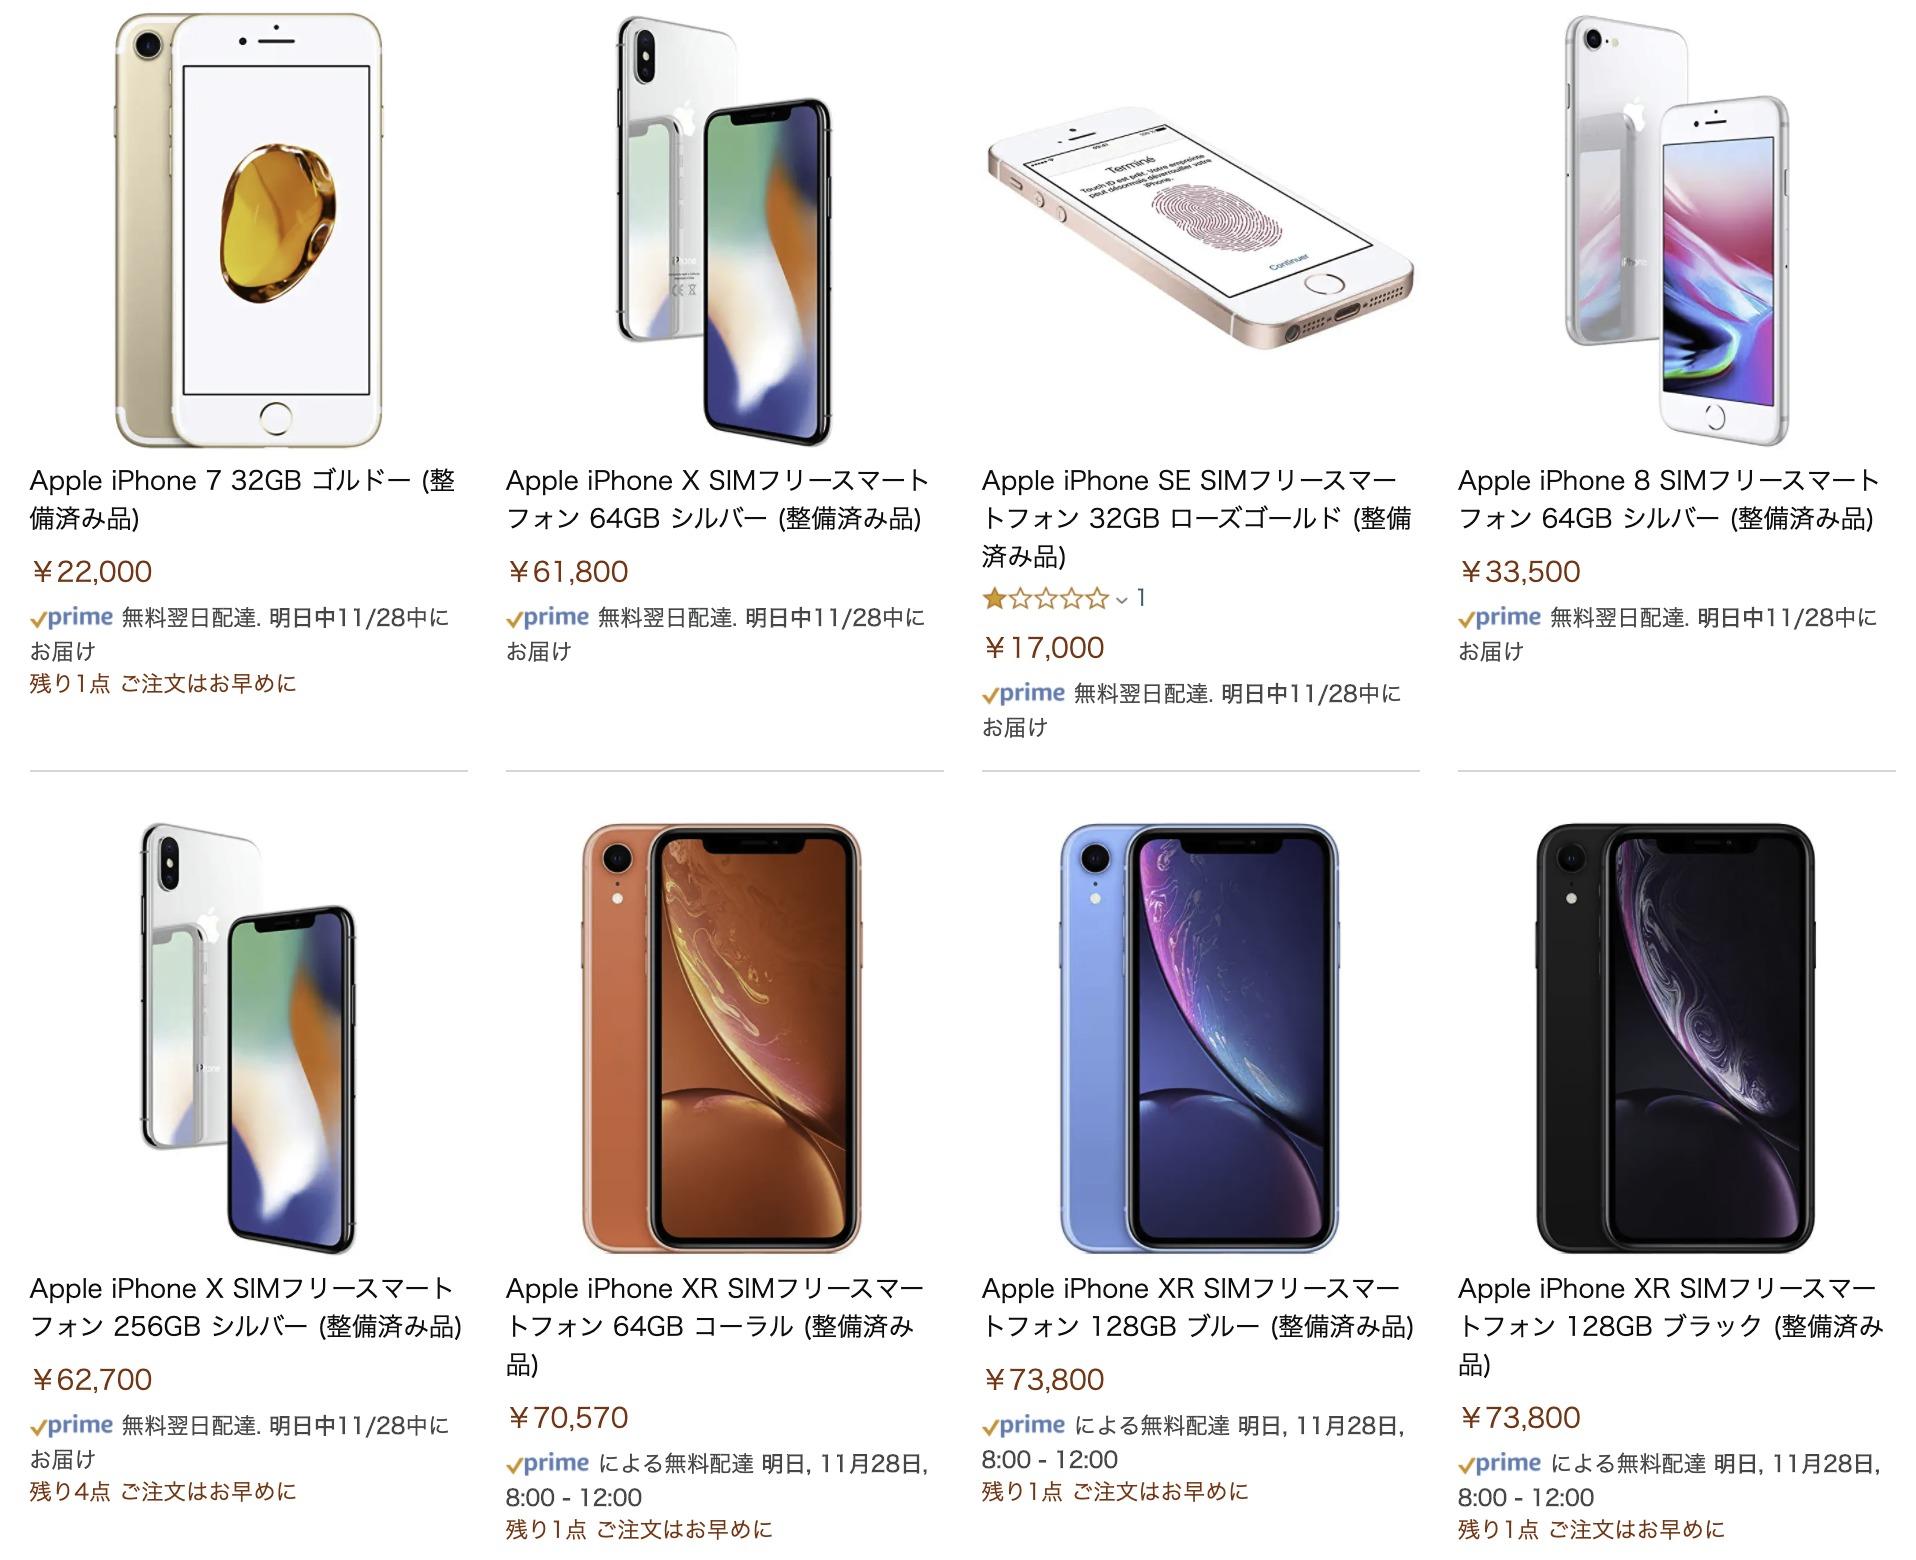 【iPhoneをより安く購入しよう】AmazonがiPhoneの整備済製品の販売を開始したらしい